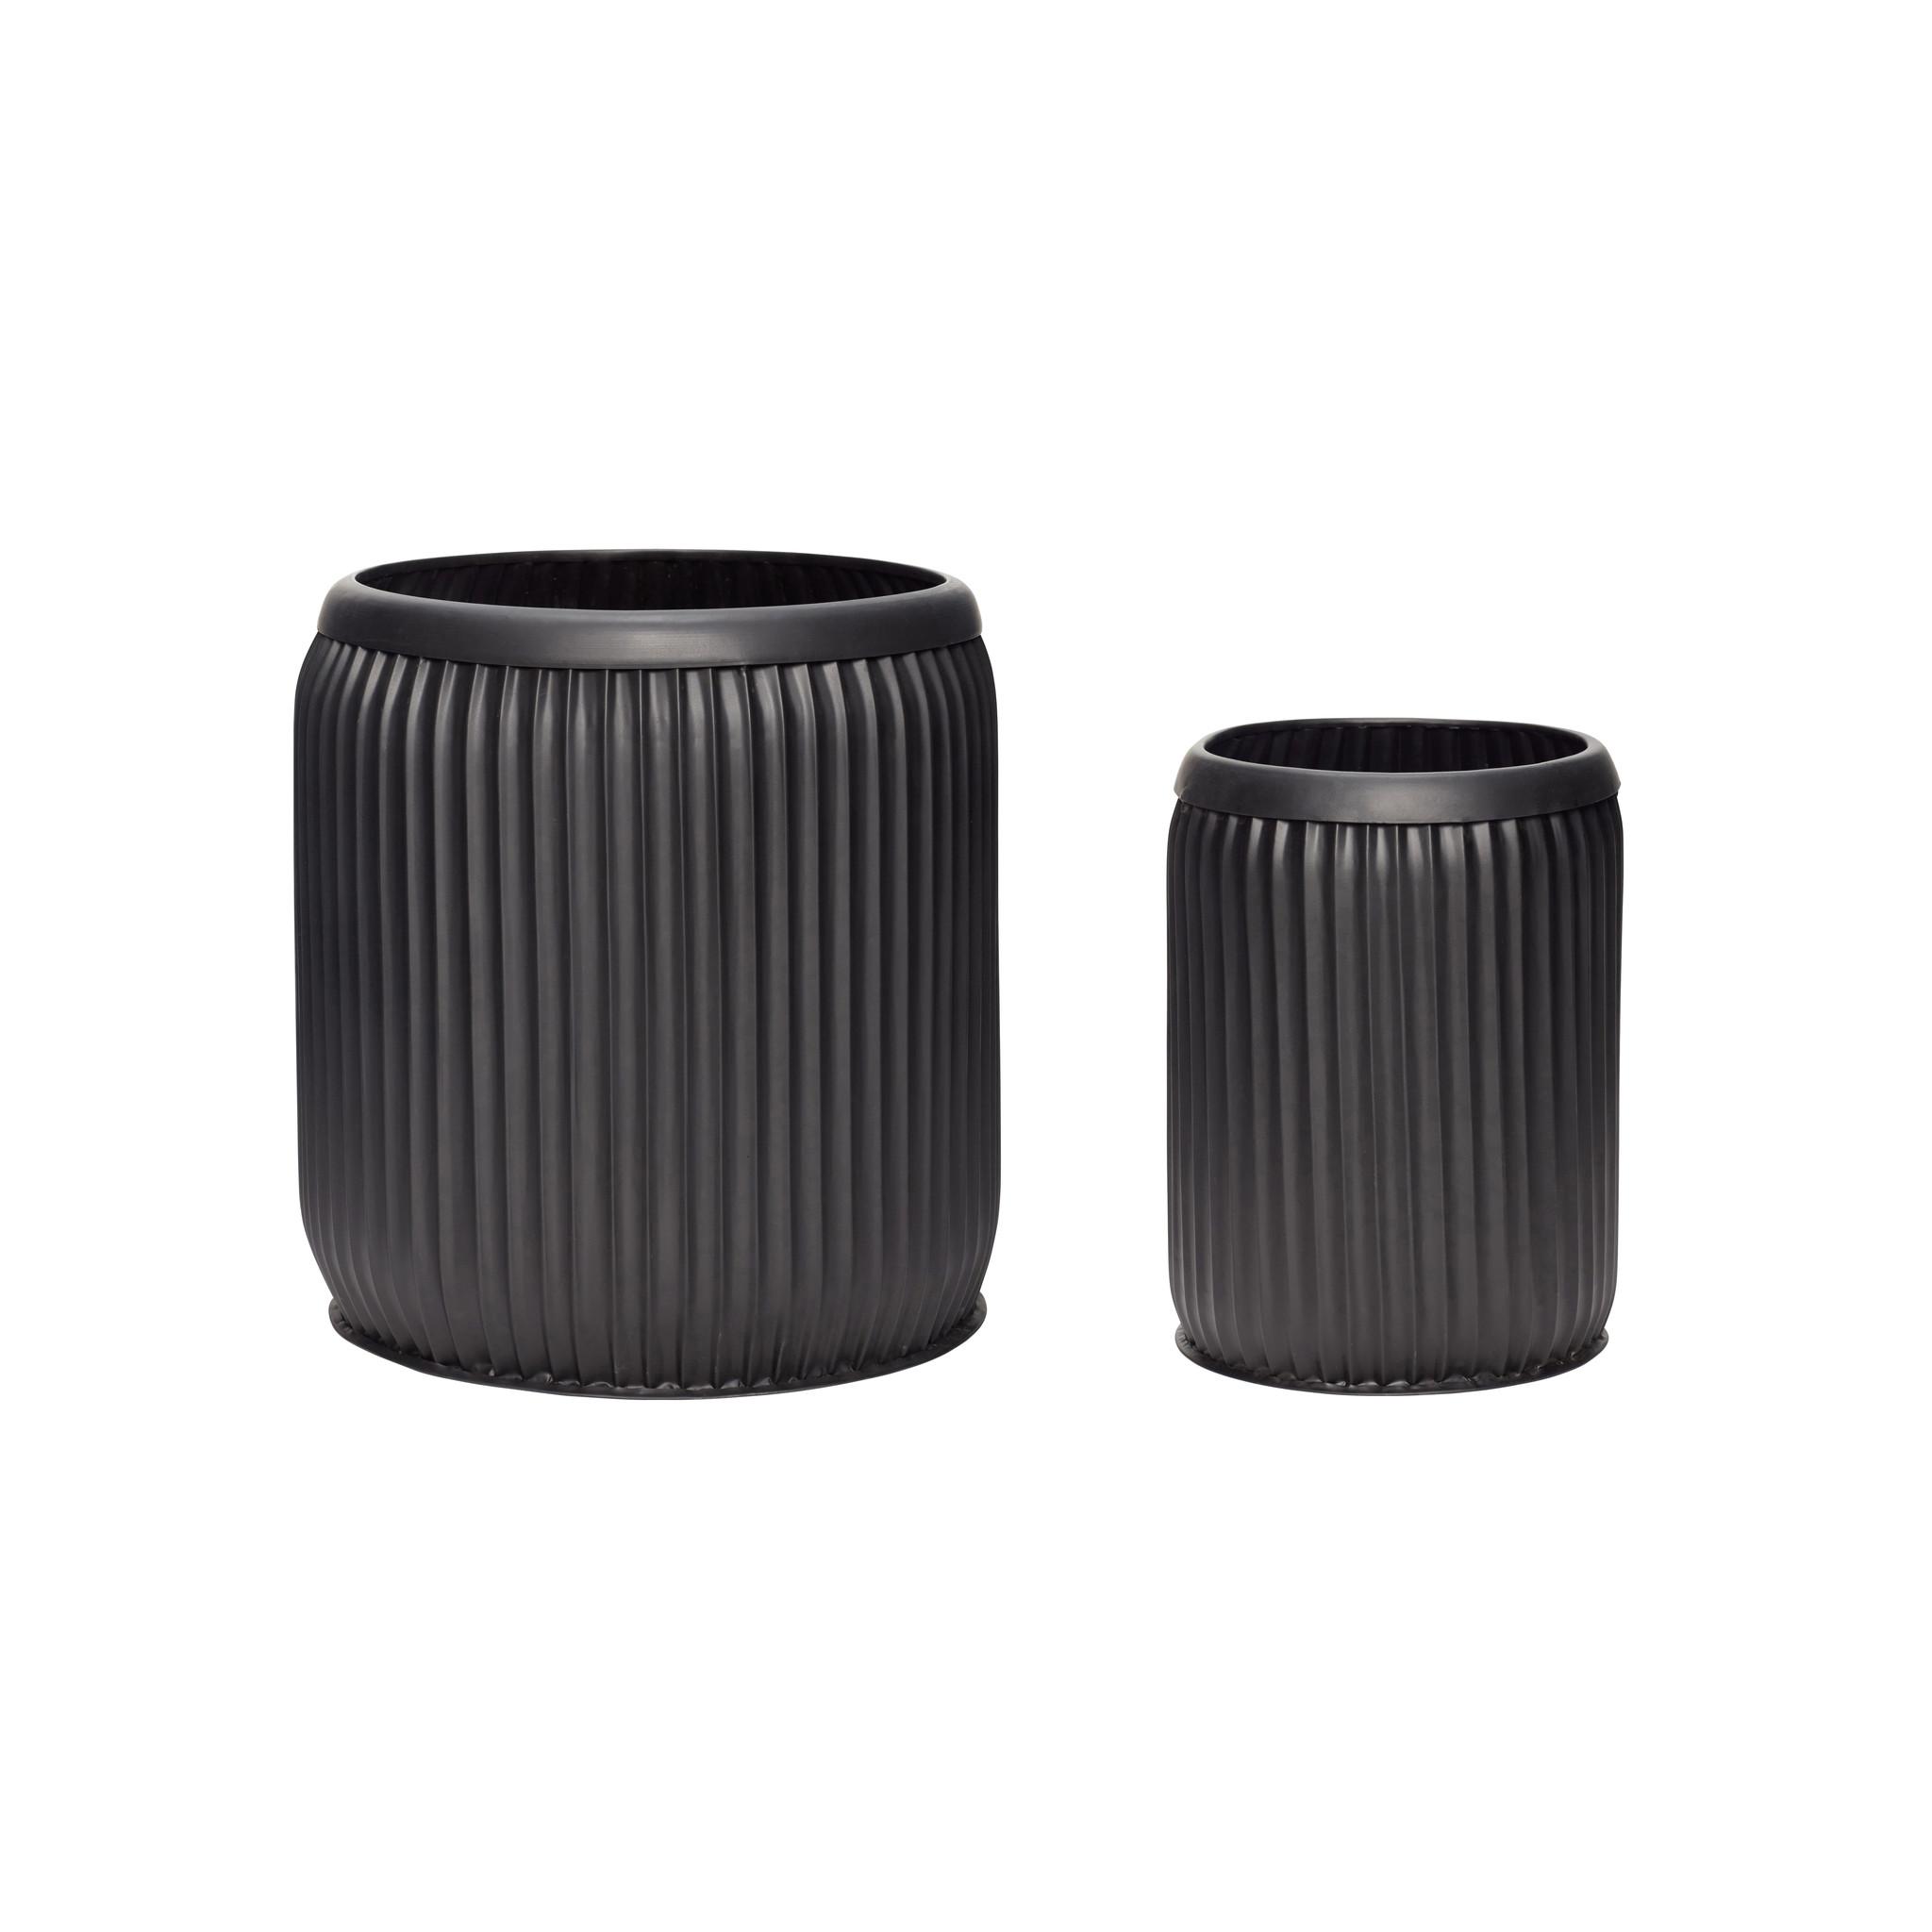 Hubsch Pot, metaal, zwart, set van 2-390801-5712772067604